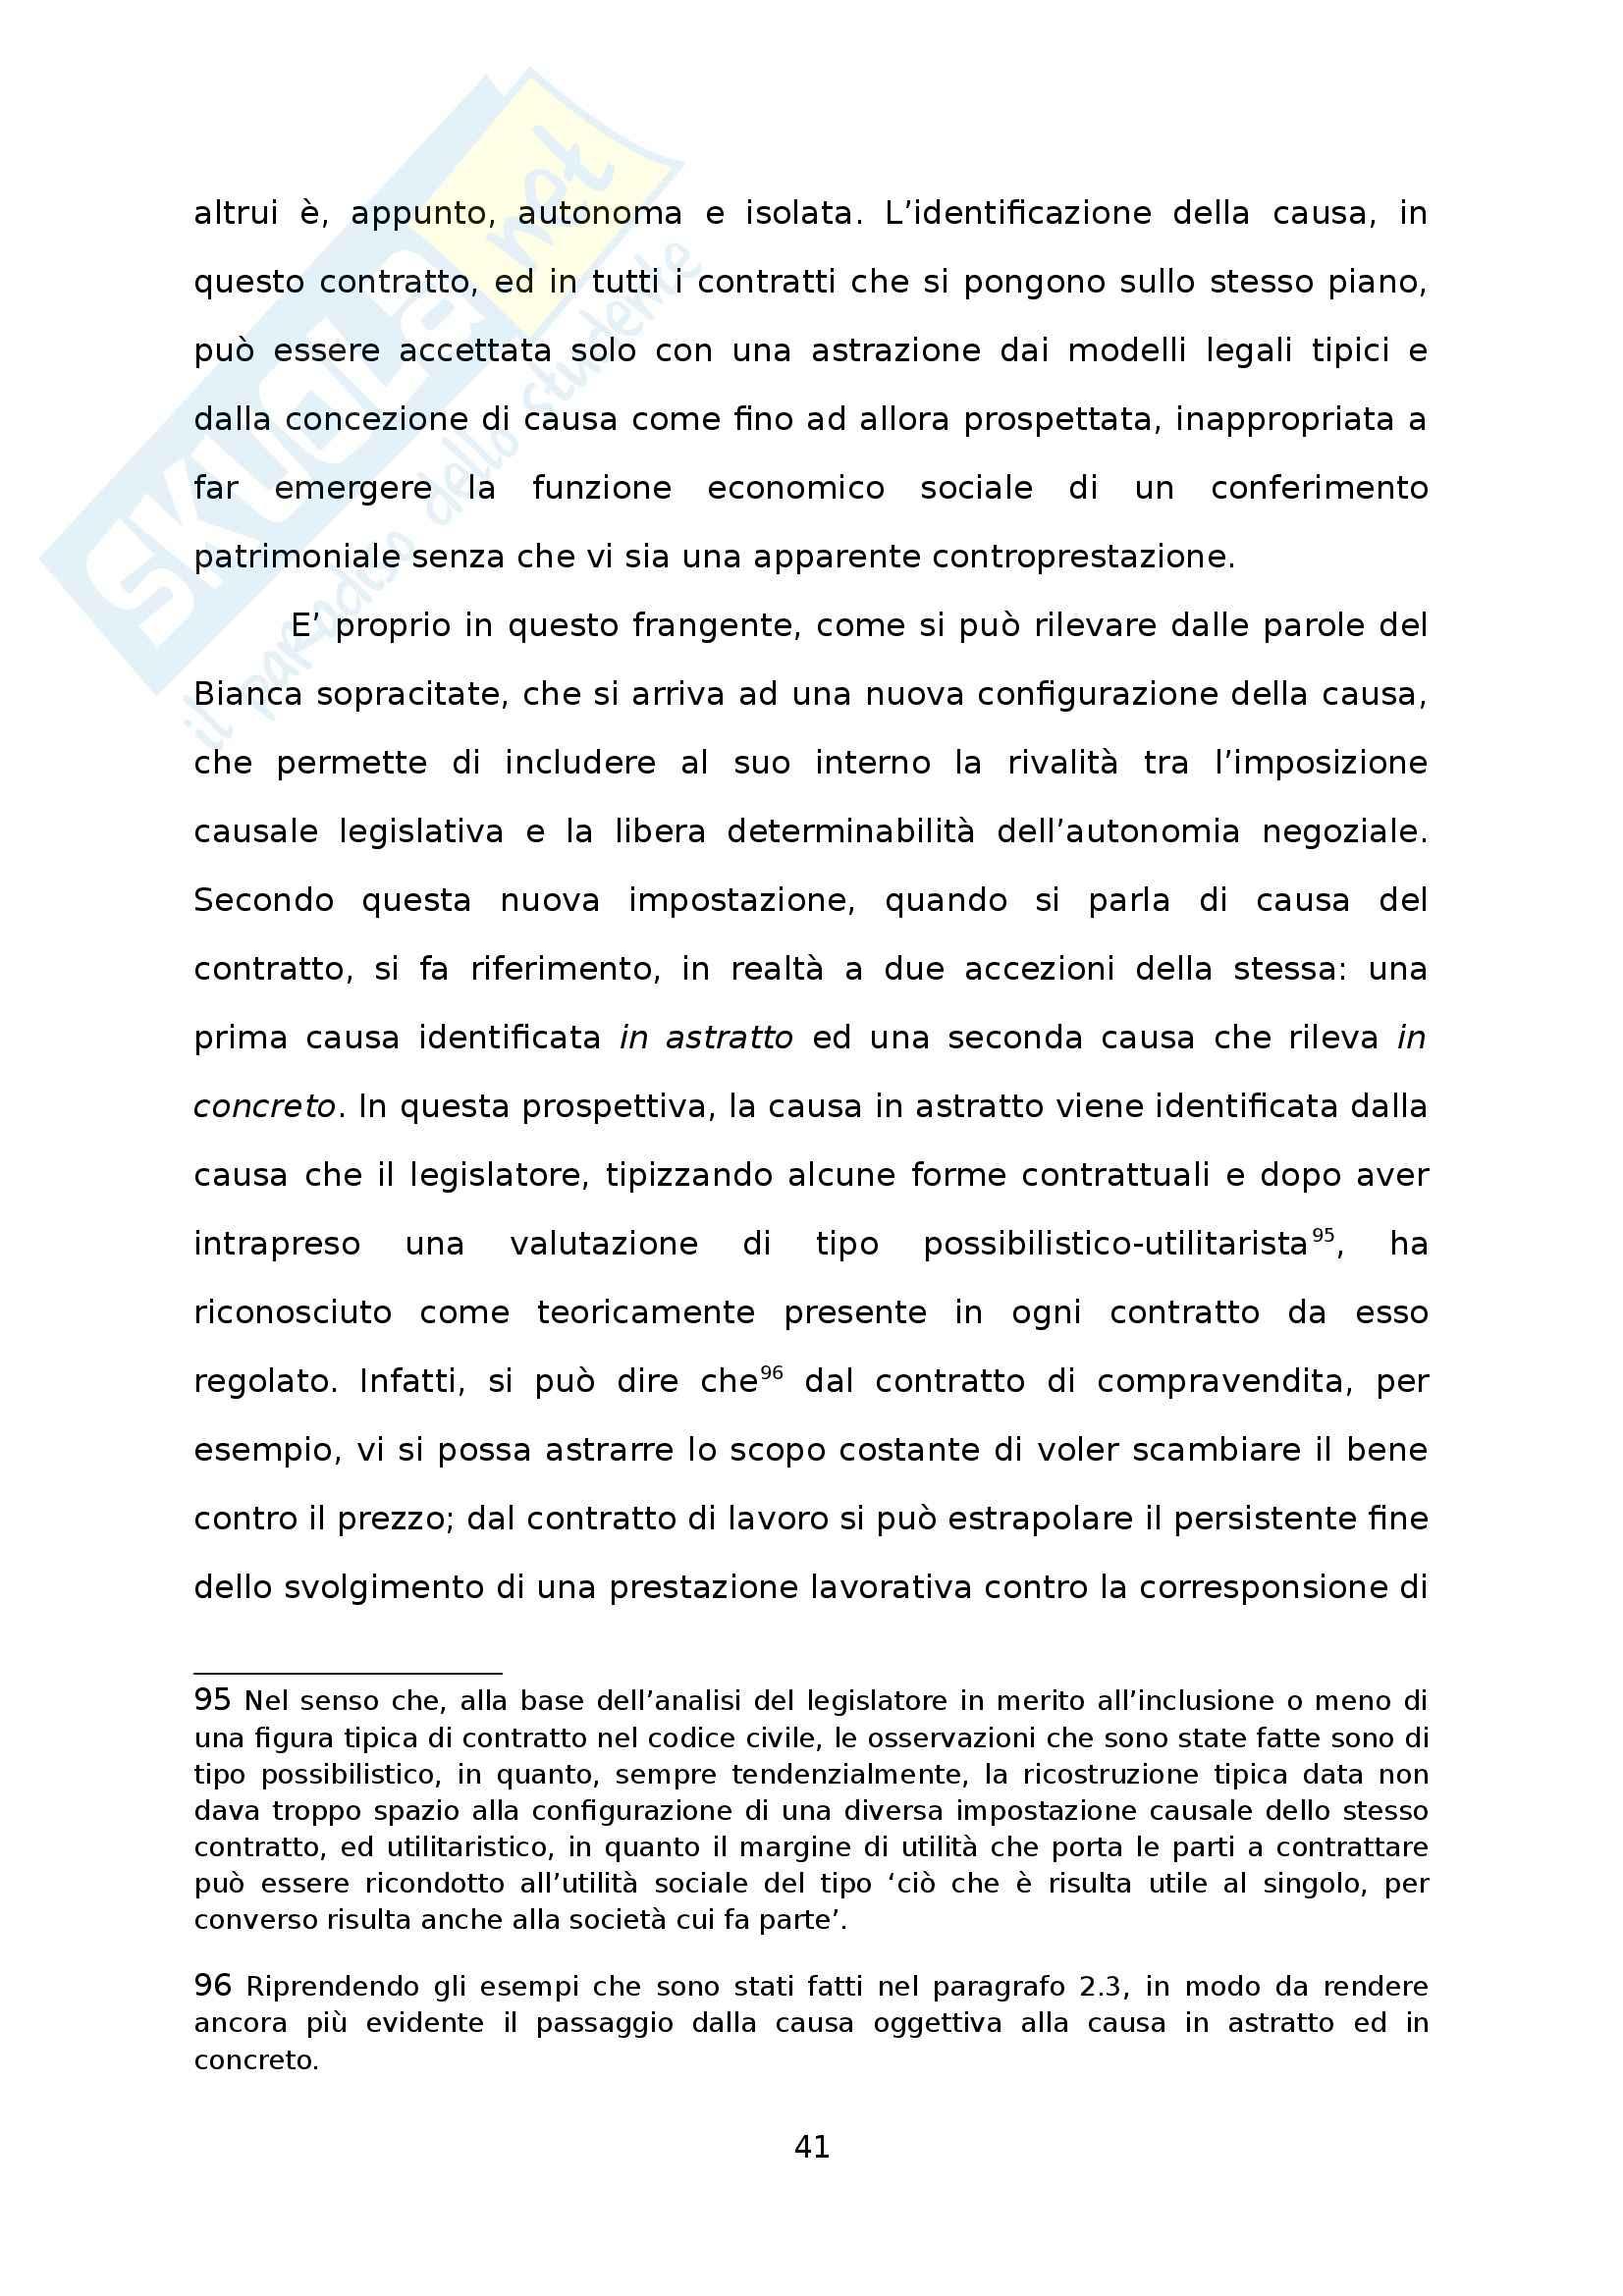 Causa, Consideration e loro influenza nel diritto privato europeo - Tesi Pag. 41